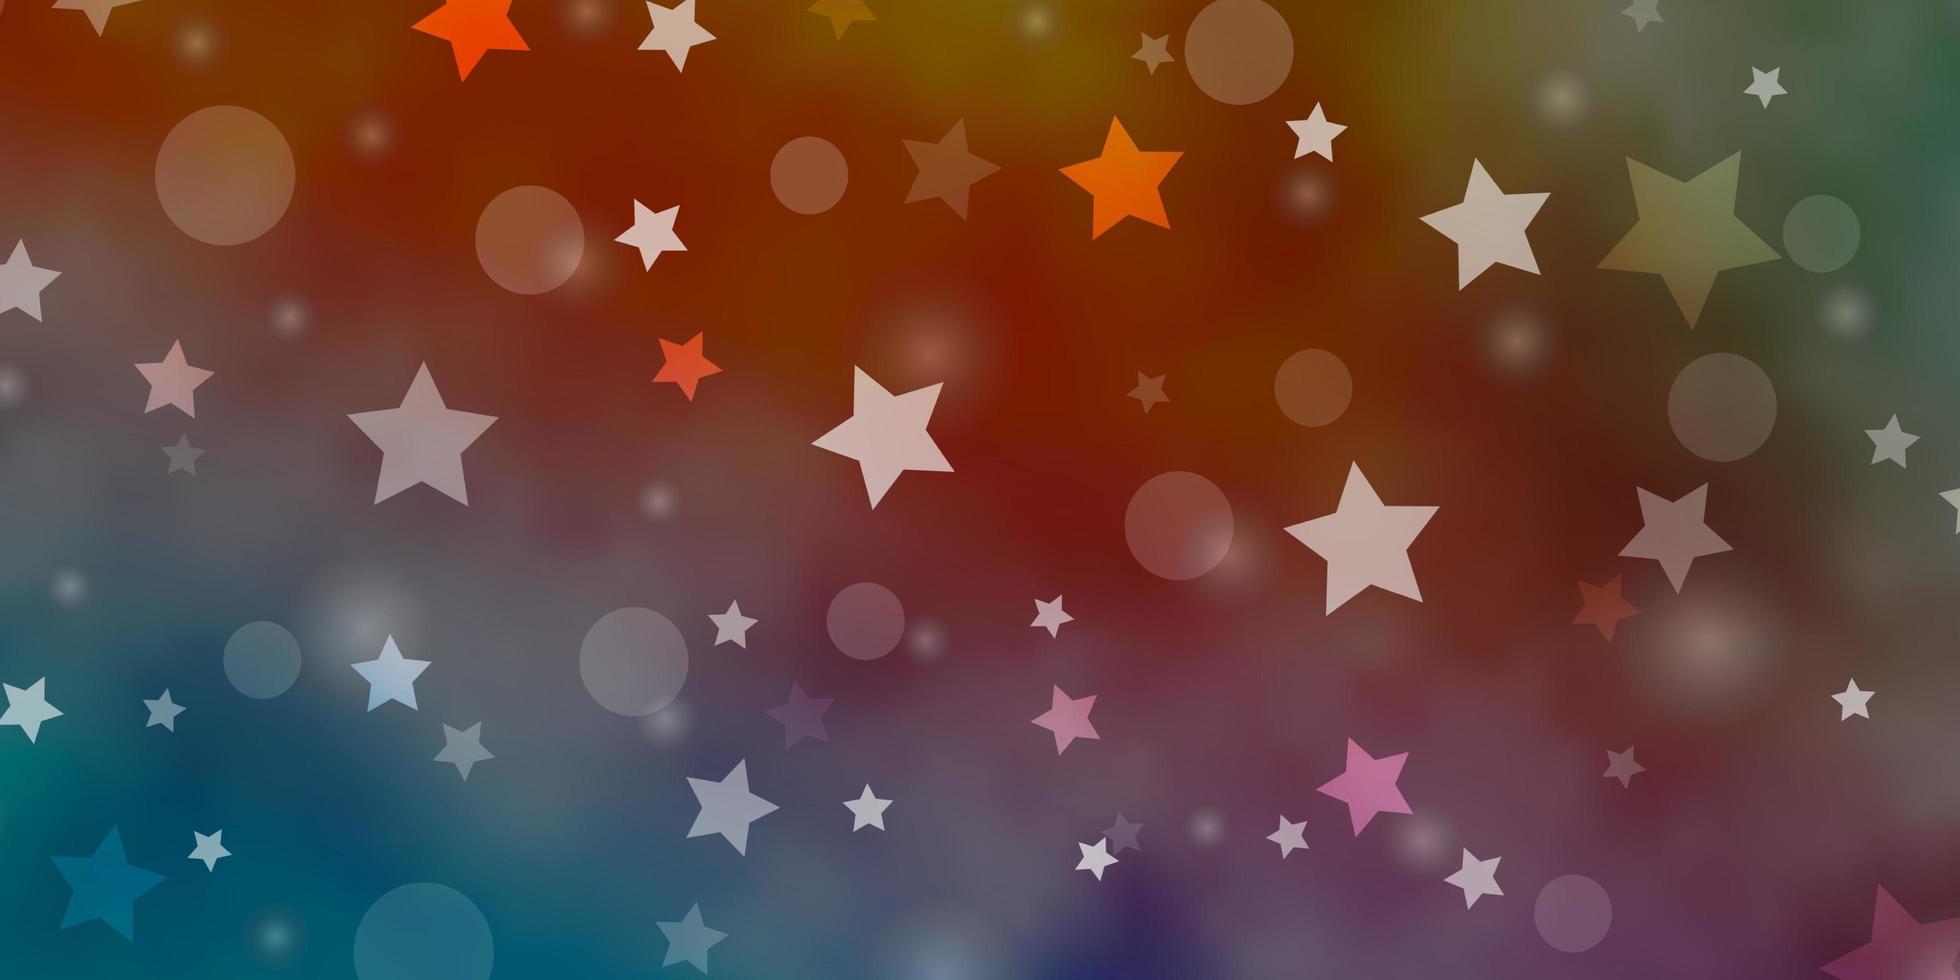 fundo azul, vermelho com círculos, estrelas. vetor